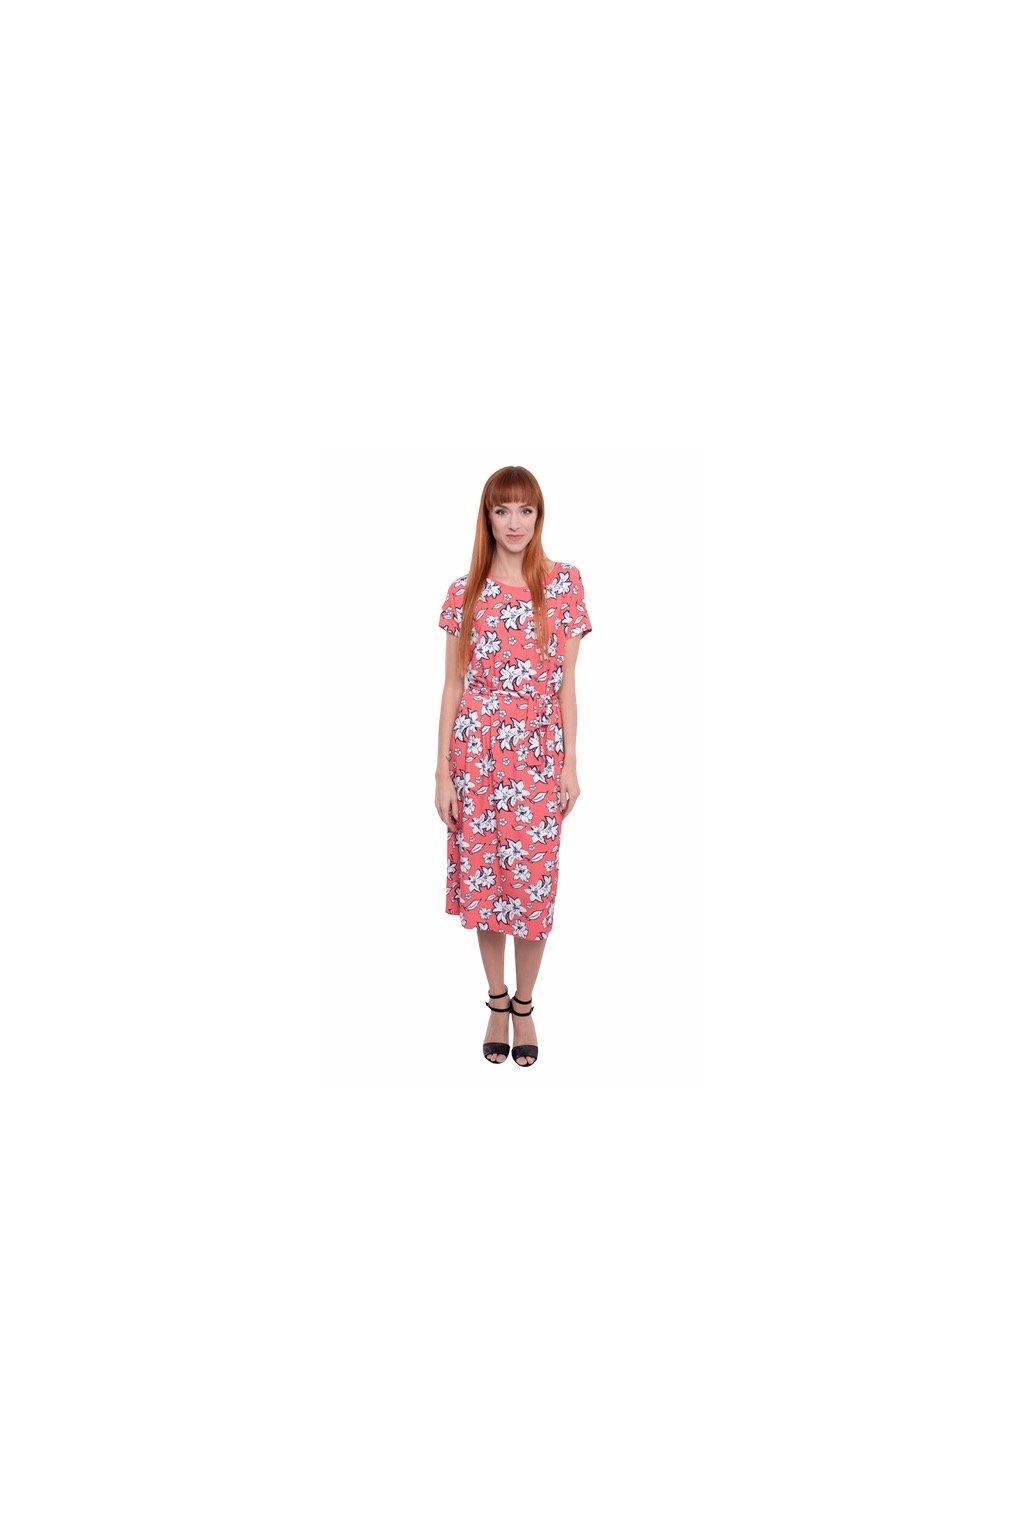 Dámské šaty s krátkým rukávem, 1N504 435, malinová